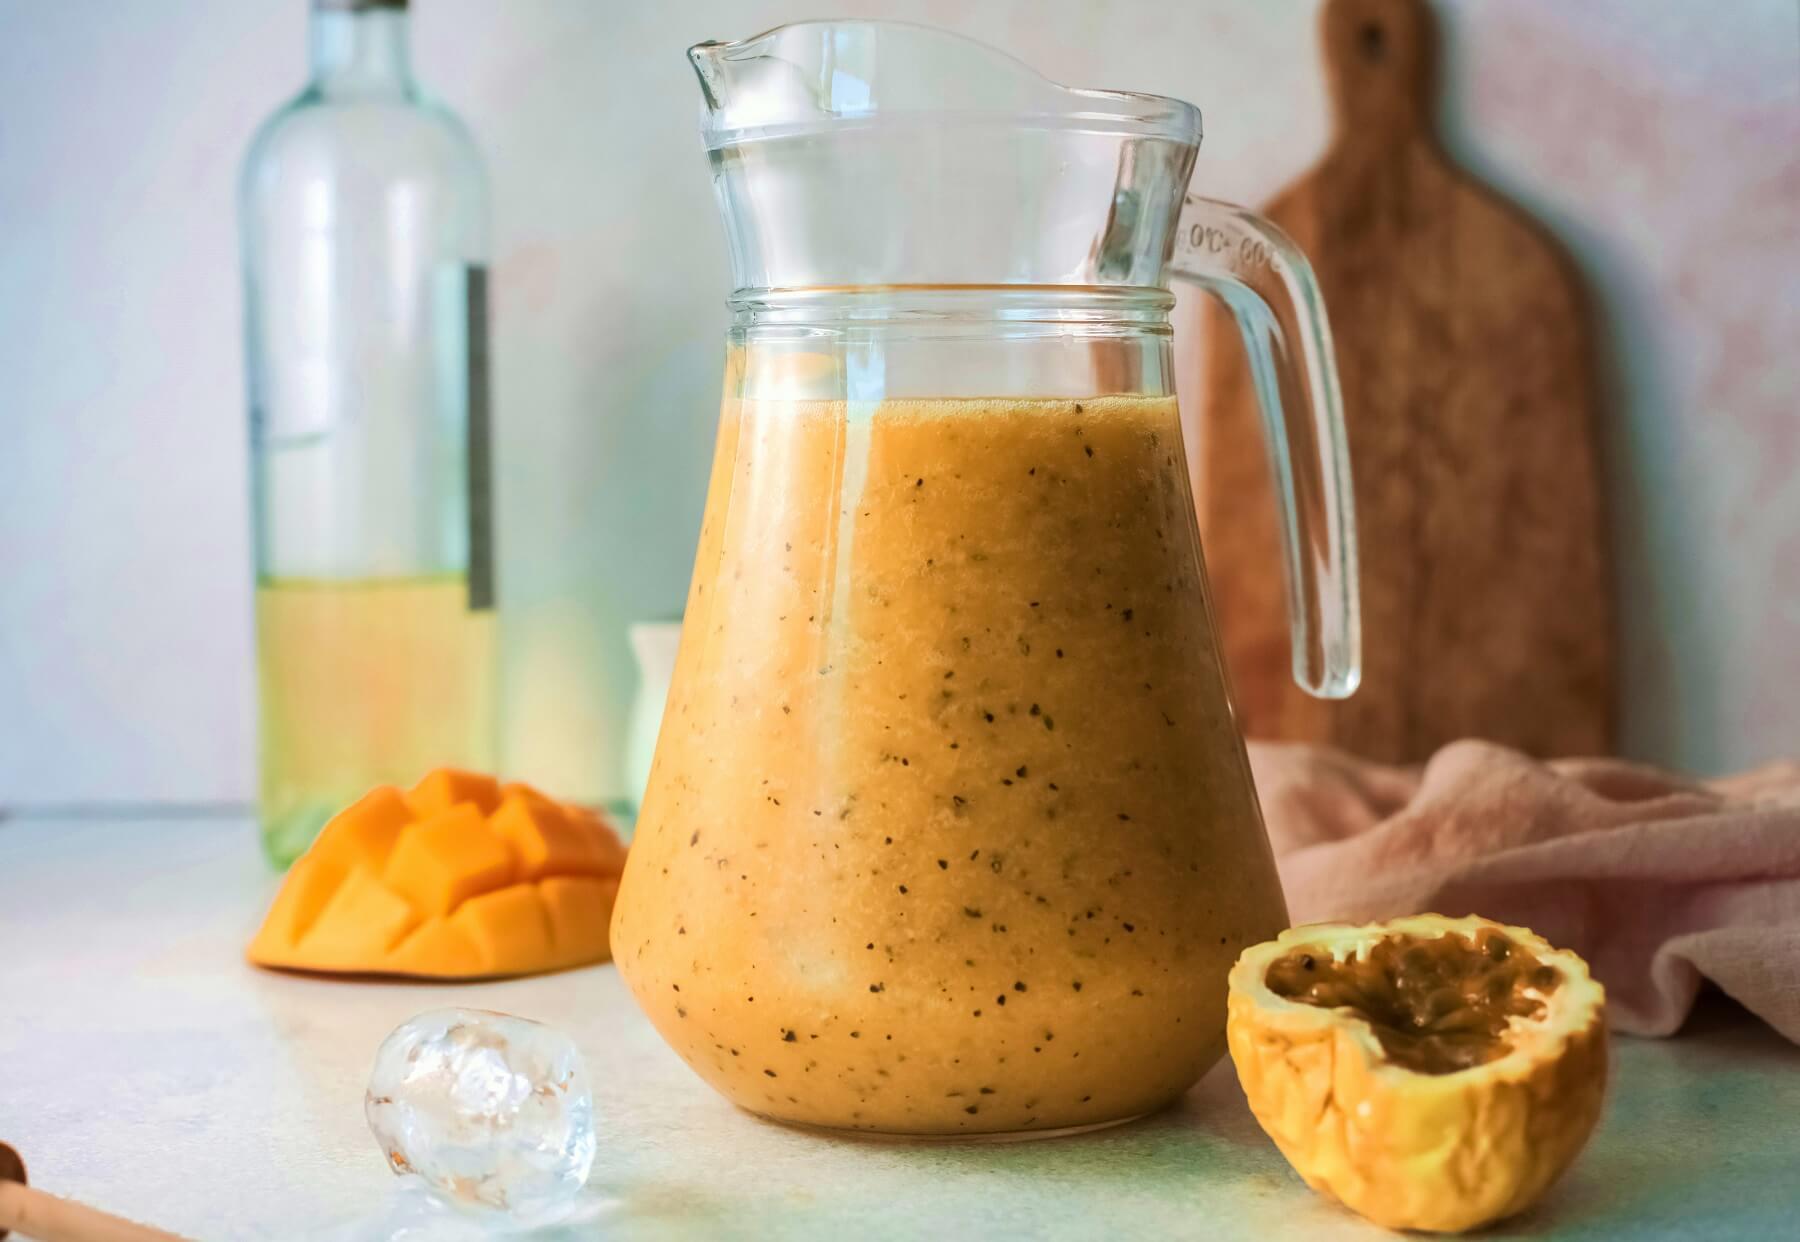 A pitcher full of orange coloured mango passionfruit wine slushie.